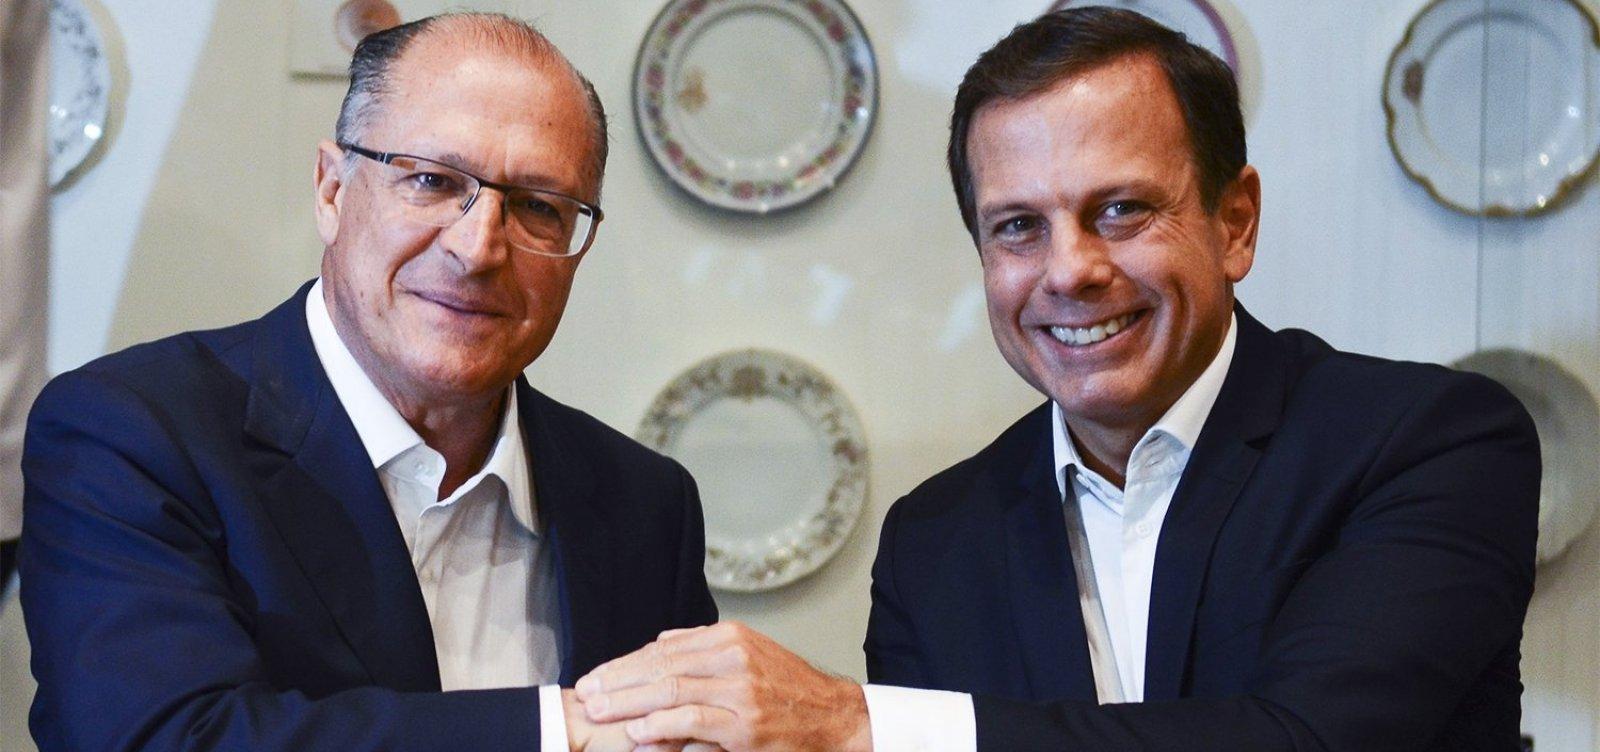 Em reunião do PSDB, Alckmin insinua que Doria é traidor e covarde